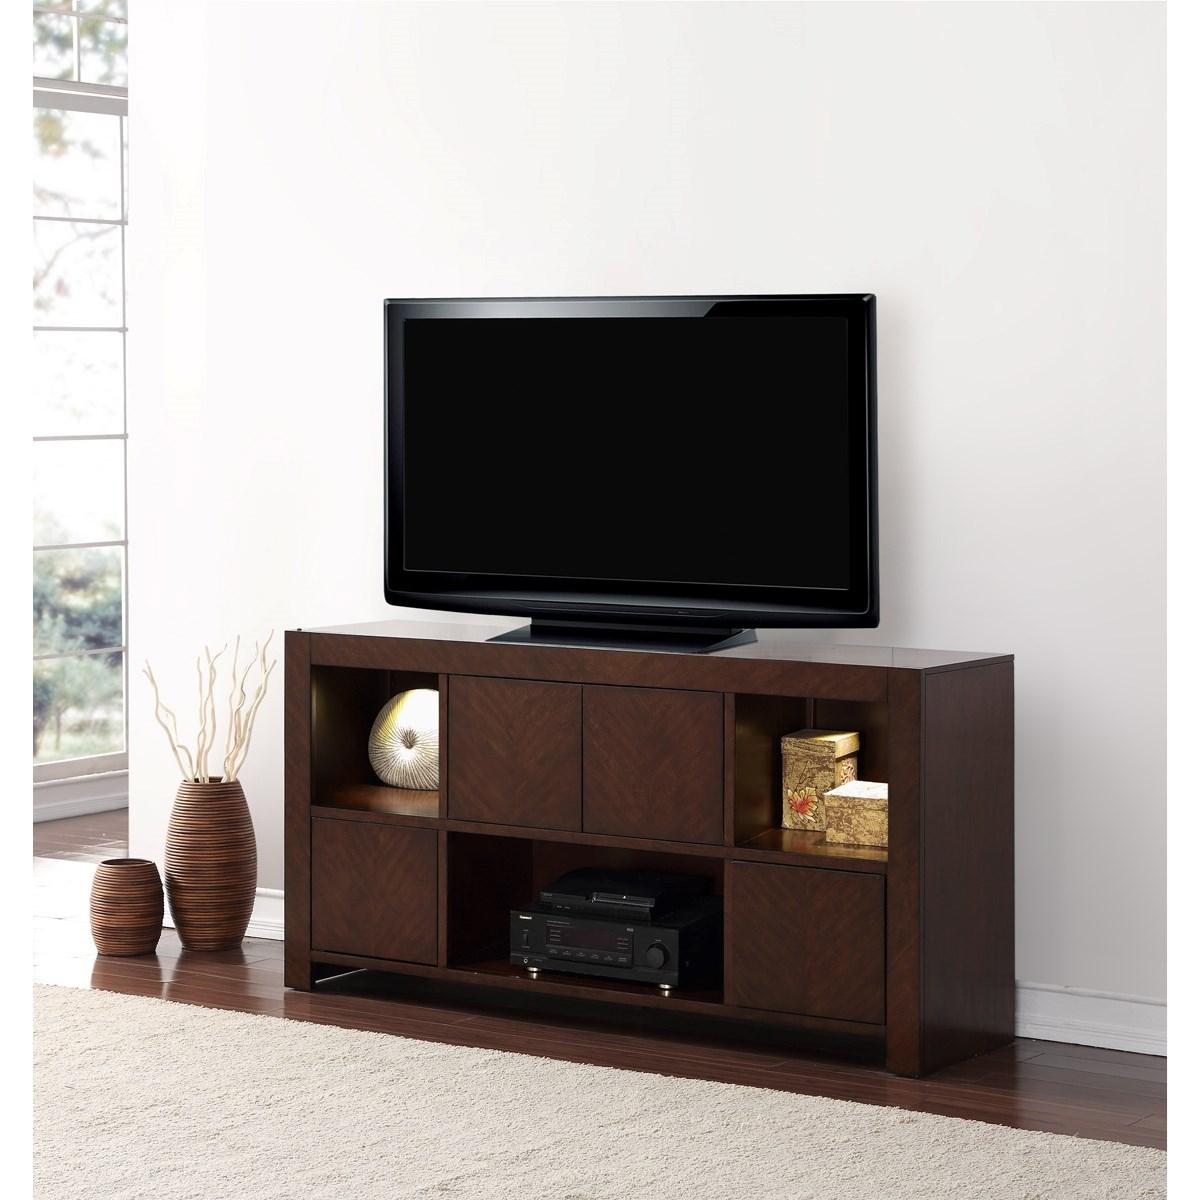 Legends furniture city lights zctl 1465 city lights 65 tv for Furniture 65